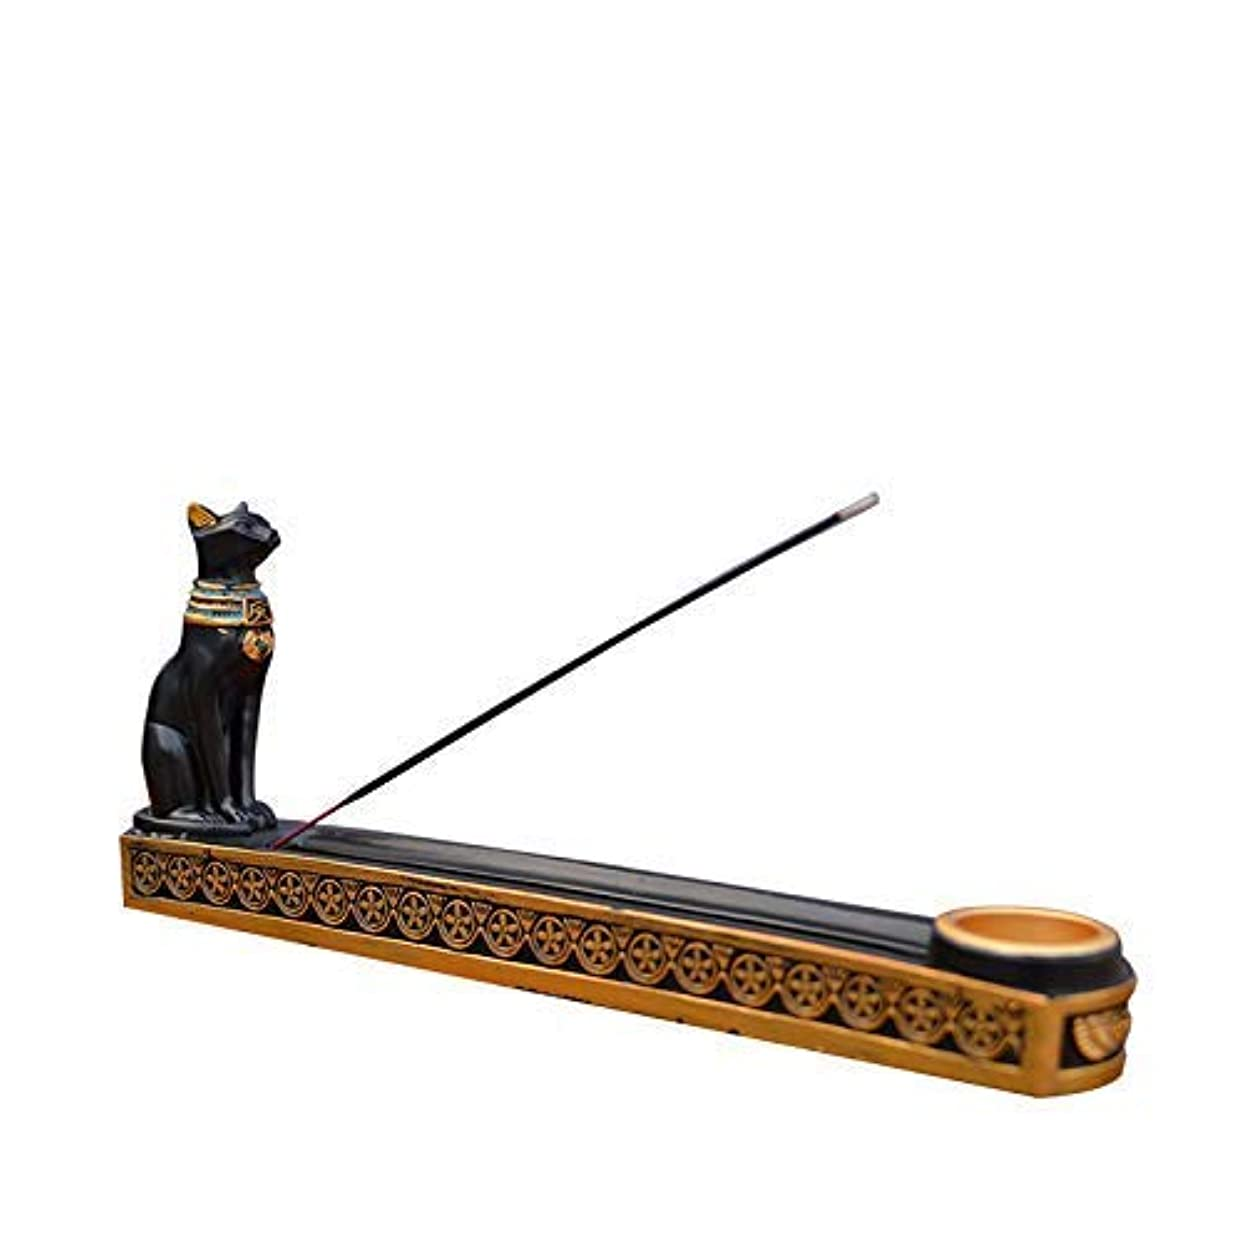 報復モザイク加入tonntyann 横置き お香立て ボックス 猫 寝かせ スティックおしゃれ 線香立て お香 古代エジプト風 バステト神 アロマ お香 横置き ヒエログリフ ネ